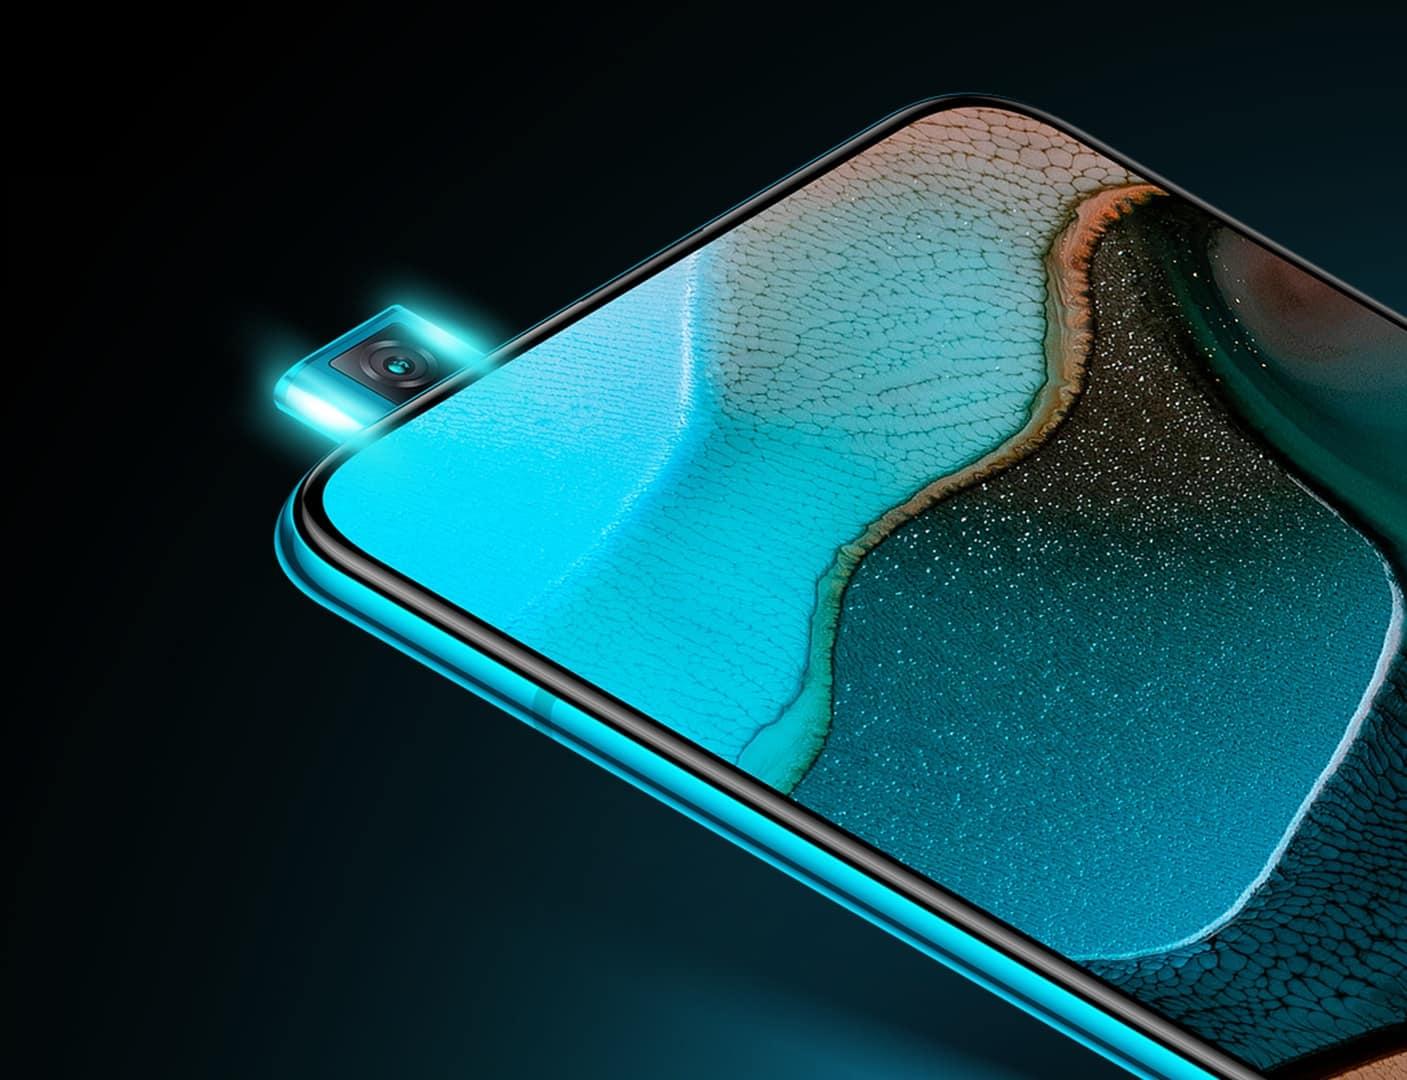 xiaomi-extinde-gama-de-telefoane-redmi-cu-un-model-redmi-ultra